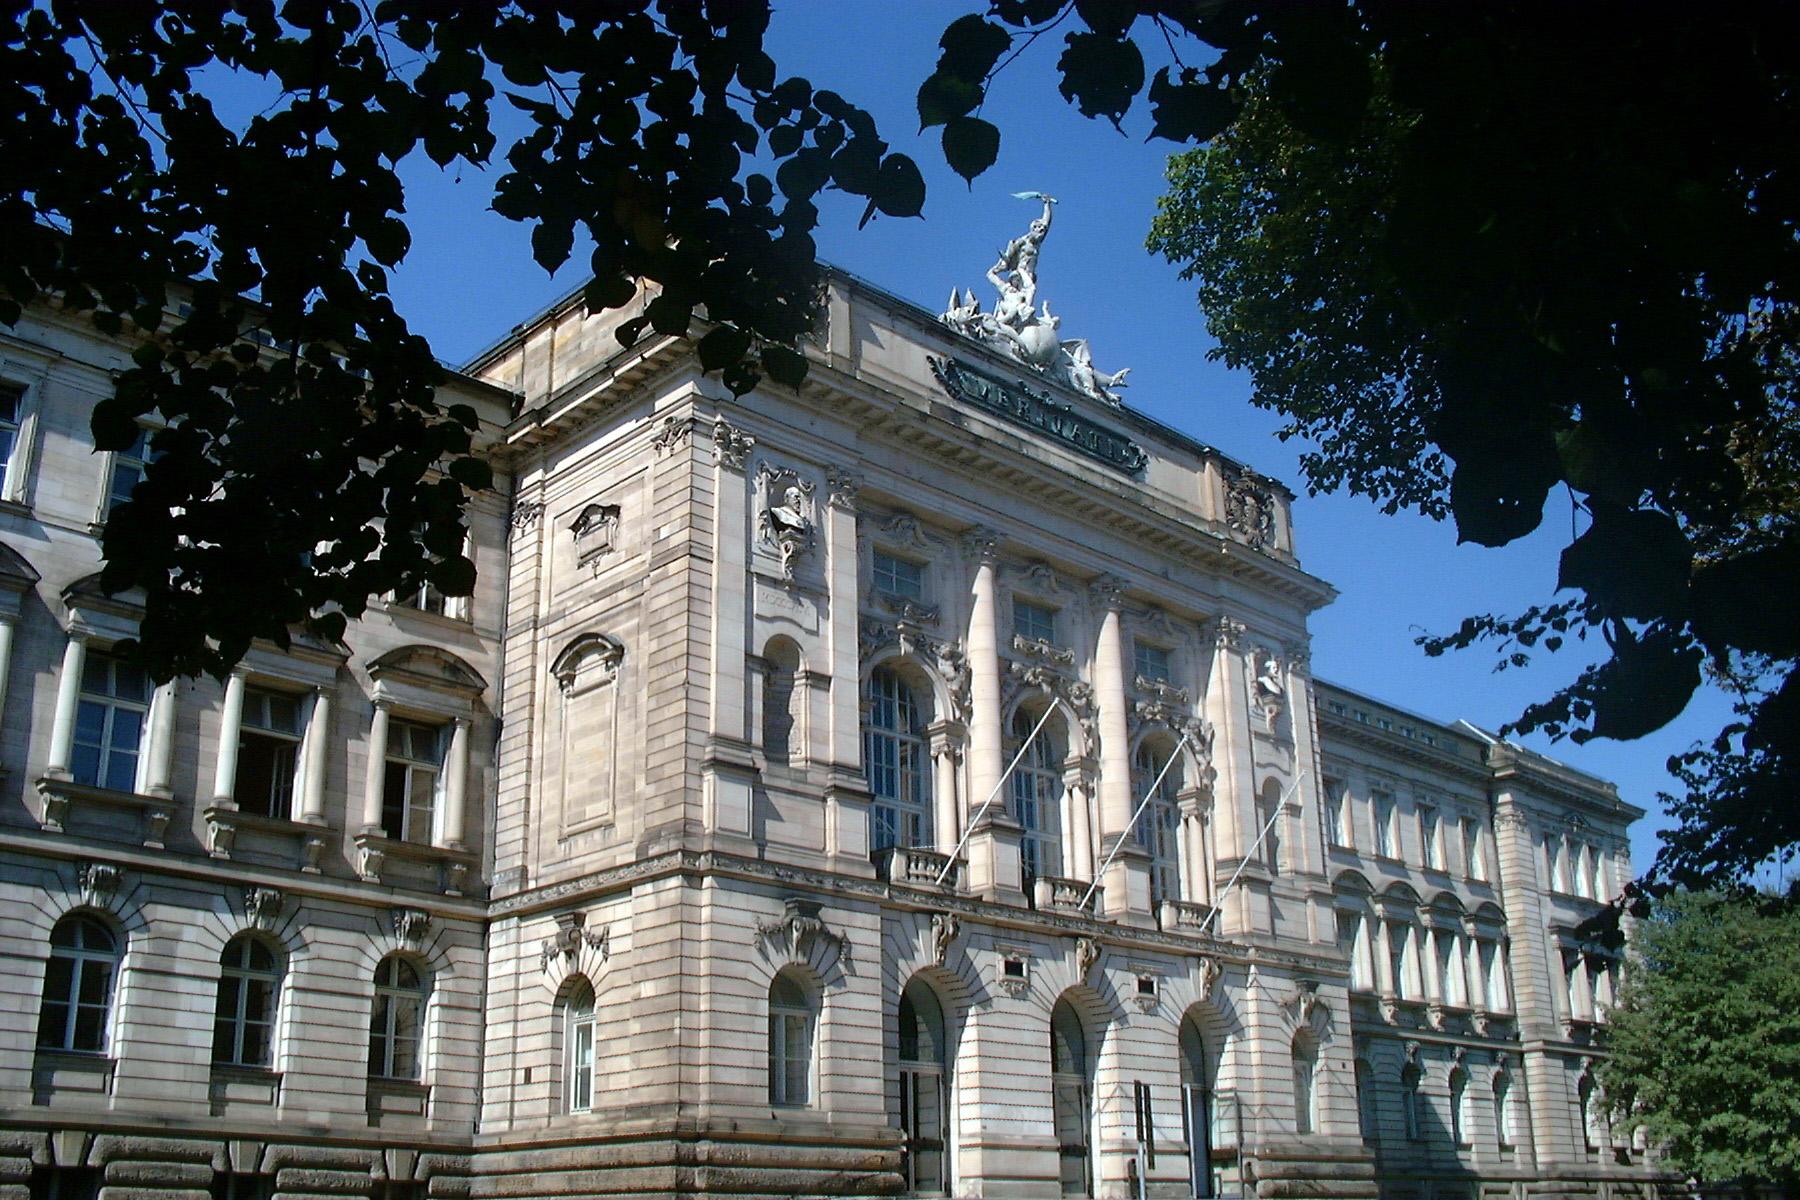 Wurzburg - Điểm đến Du học Đức